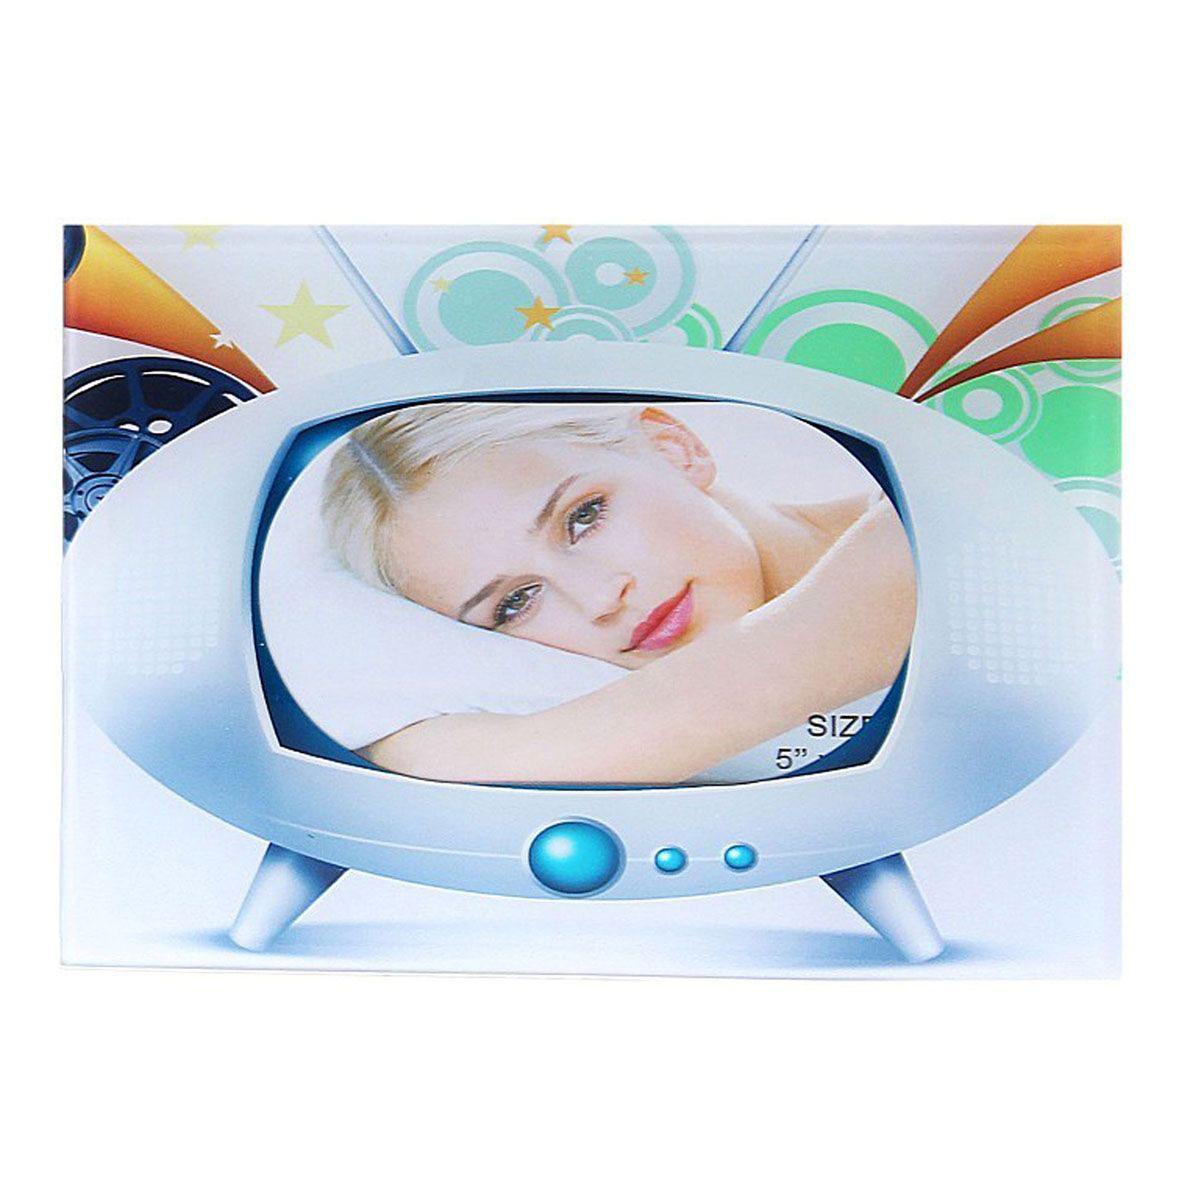 Фоторамка Sima-land Инопланетный телевизор, 10 см х 15 смTHN132NДекоративная фоторамка Sima-land Инопланетный телевизор выполнена из стекла и декорирована изображением телевизора. Обратная сторона рамки оснащена специальной ножкой, благодаря которой ее можно поставить на стол или любое другое место в доме или офисе. Такая фоторамка украсит ваш интерьер оригинальным образом, а также позволит сохранить память о дорогих вам людях и интересных событиях вашей жизни. С ней вы сможете не просто внести в интерьер своего дома элемент оригинальности, но и создать атмосферу загадочности и изысканности.